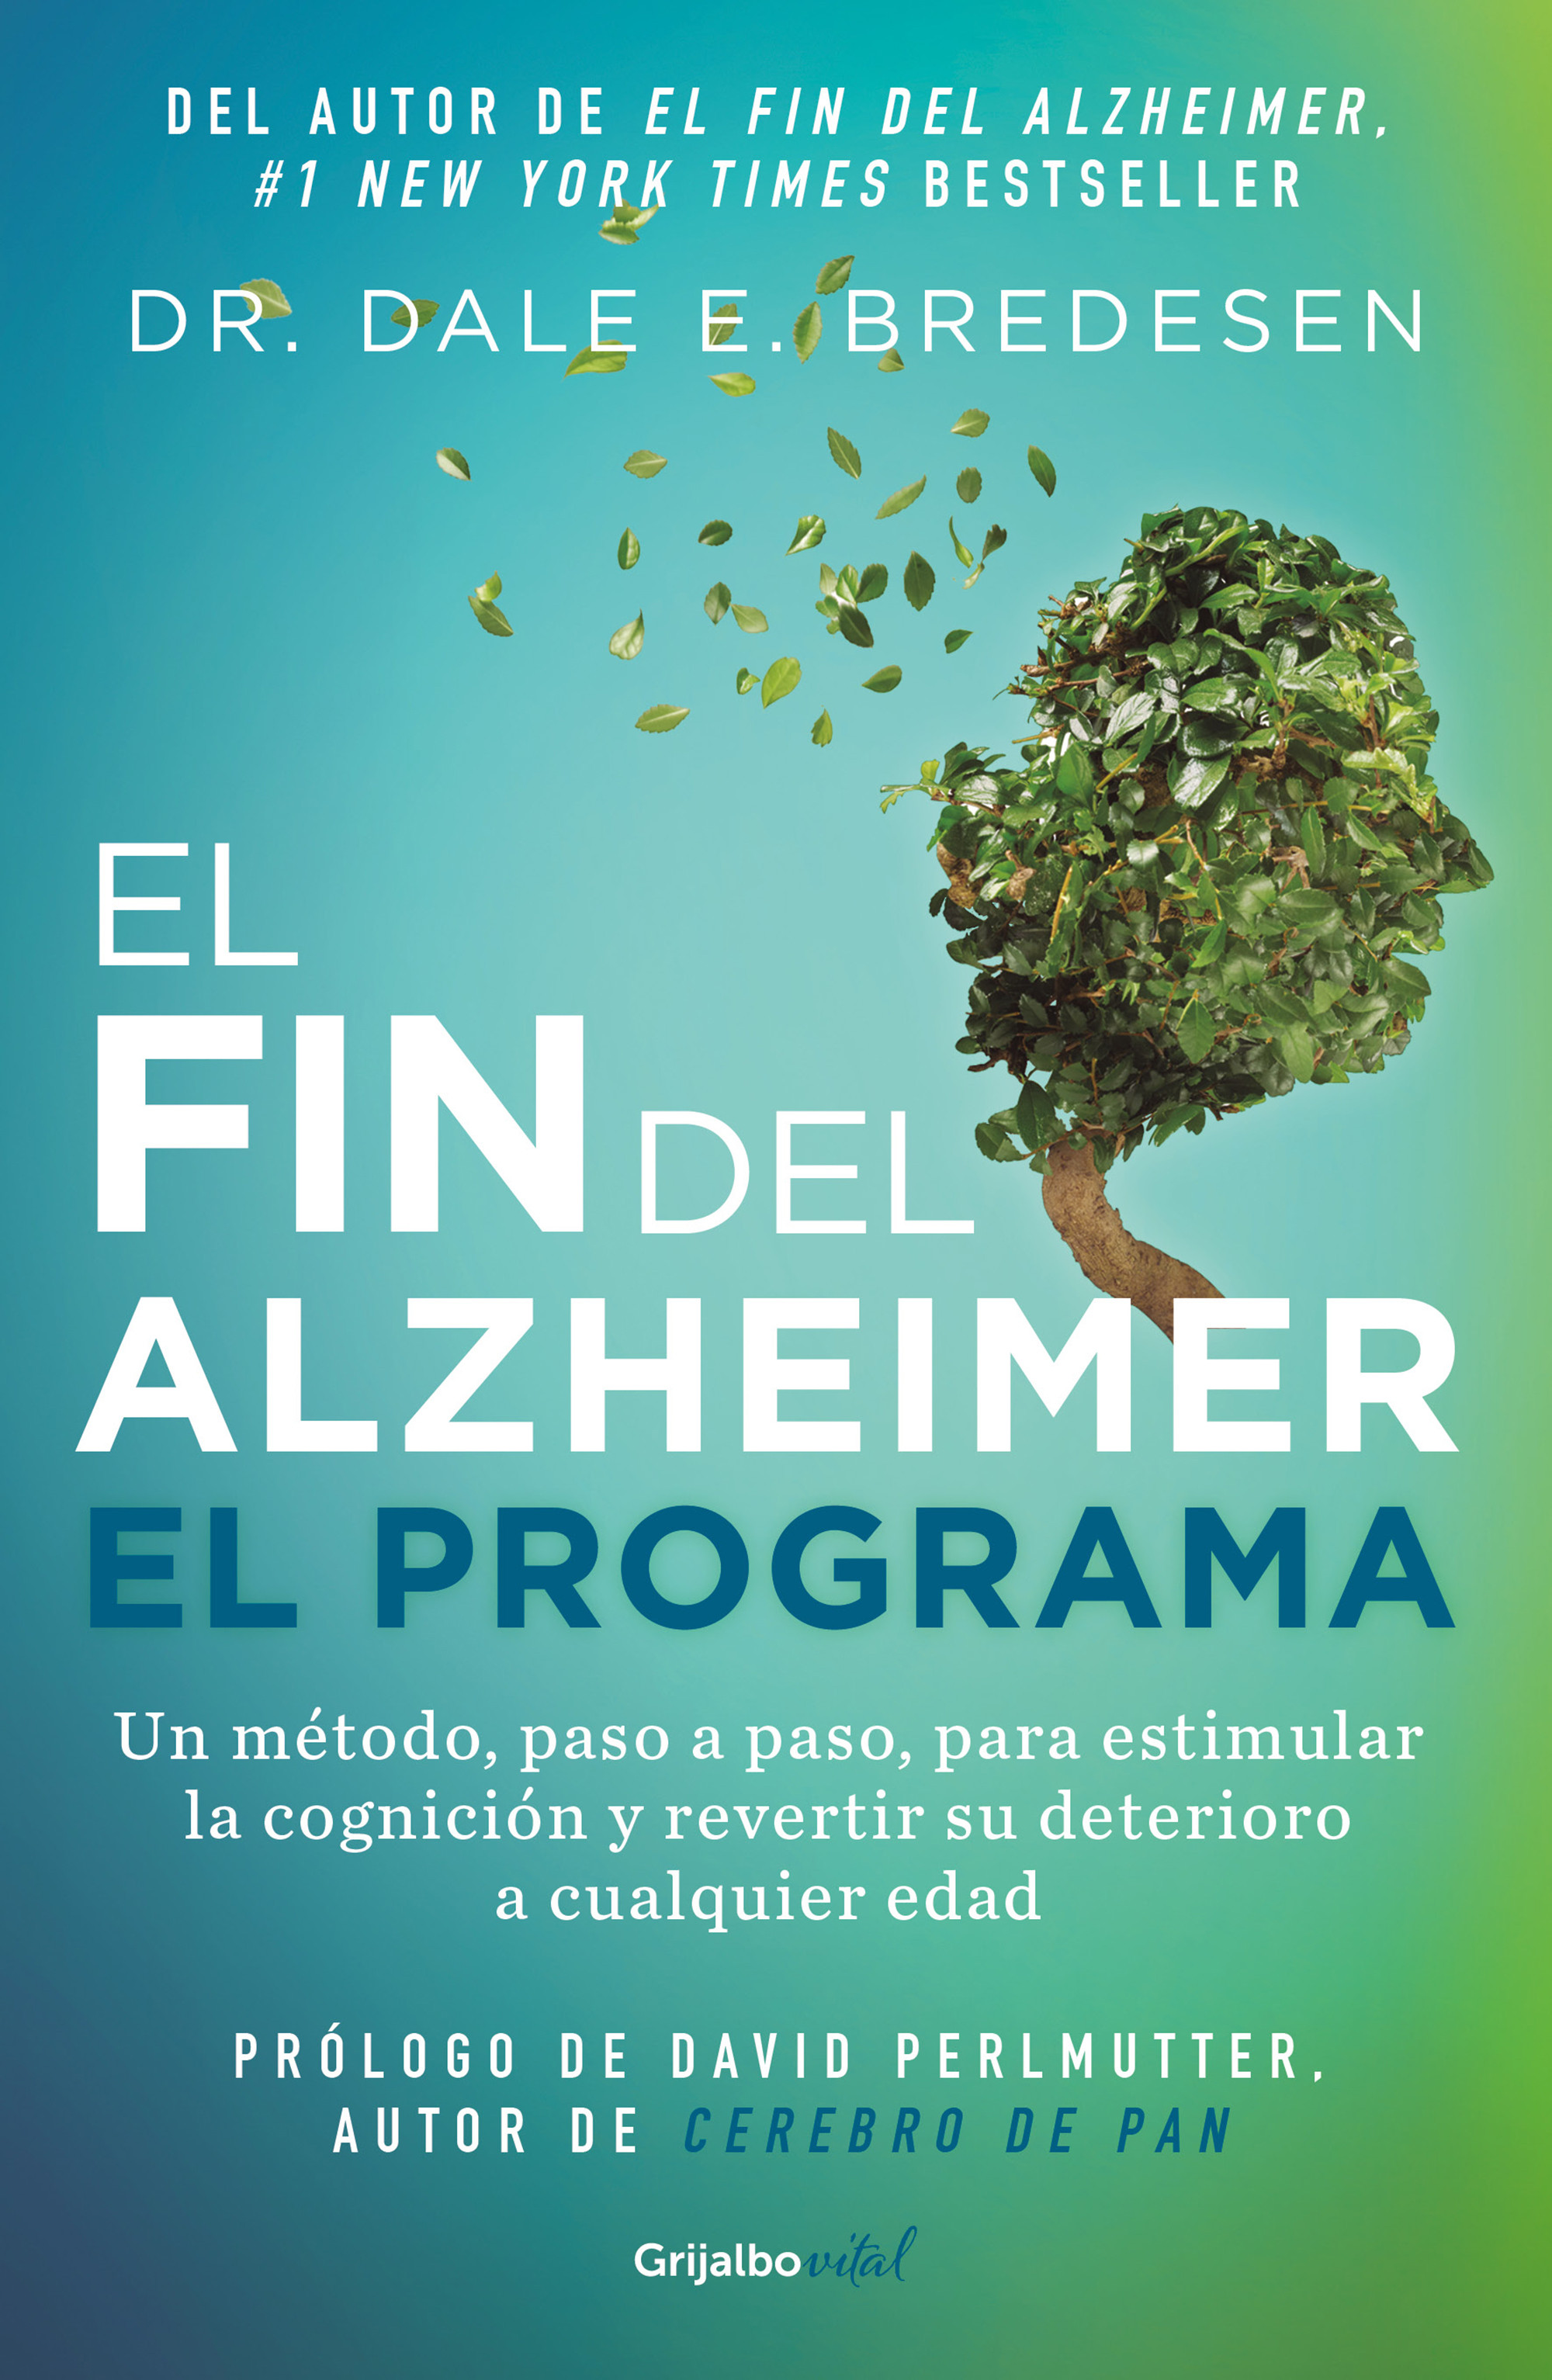 El fin del alzheimer. El programa